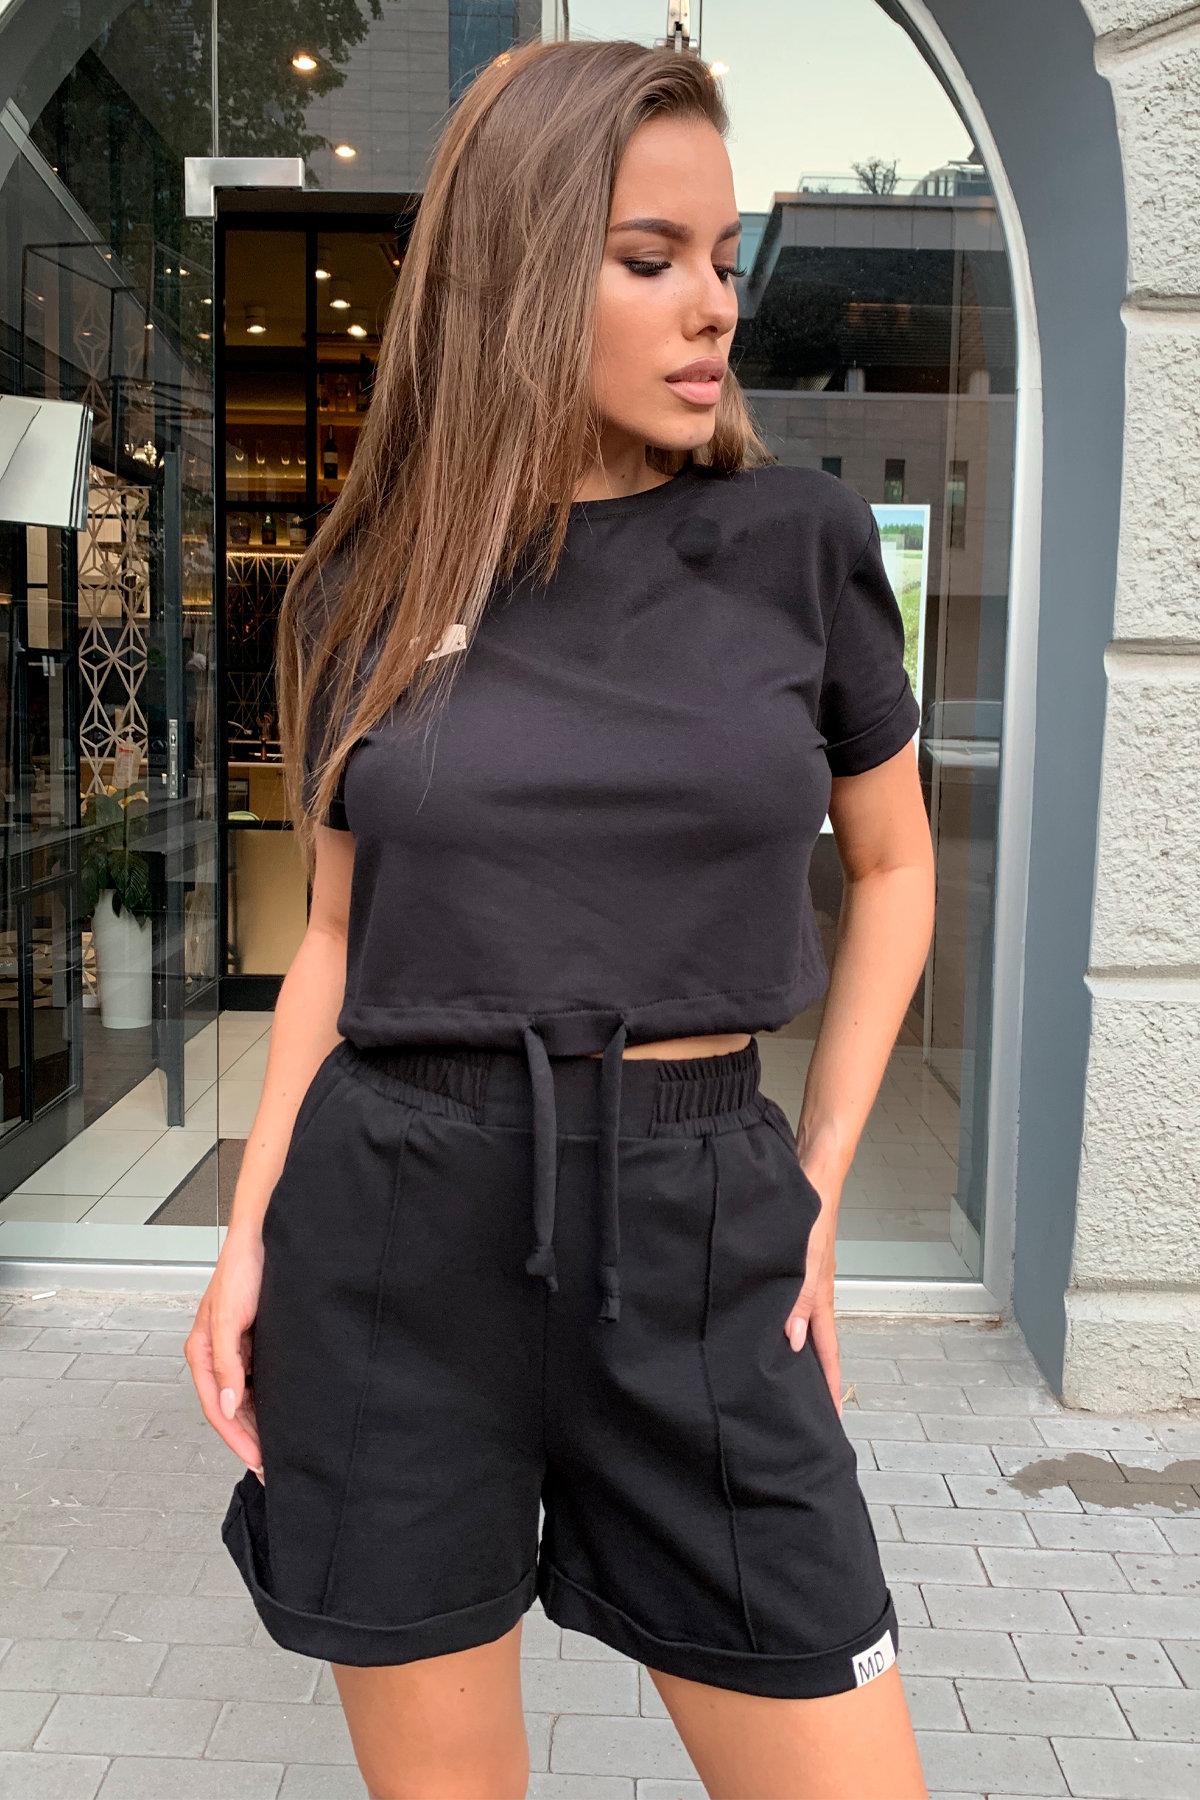 Фреш  костюм трикотажный двунитка тонкий 9252 АРТ. 45590 Цвет: Черный - фото 3, интернет магазин tm-modus.ru